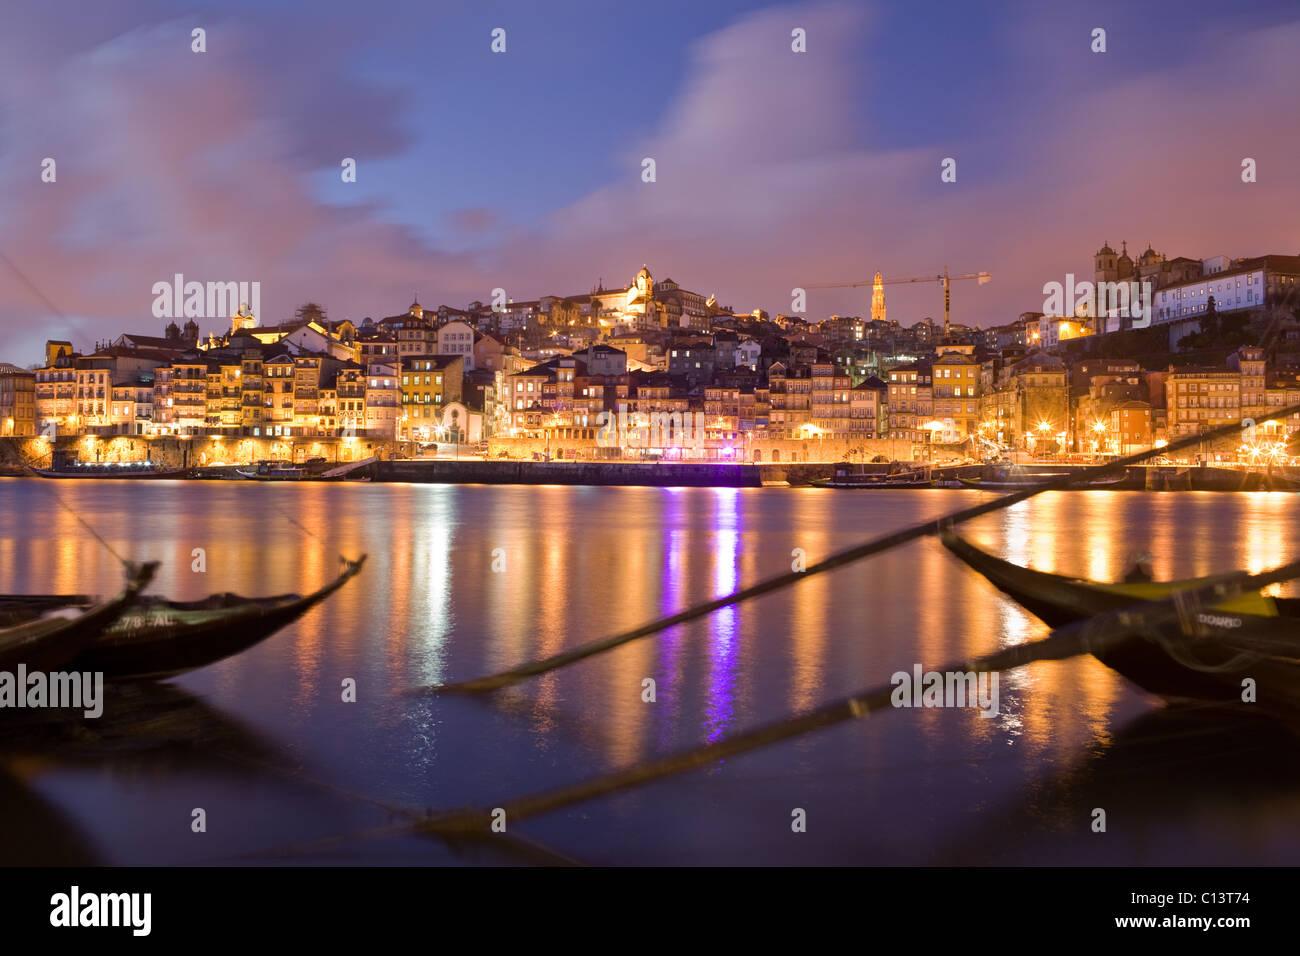 Cais de Ribeira, rabelo boats in Douro River, Oporto, Portugal - Stock Image